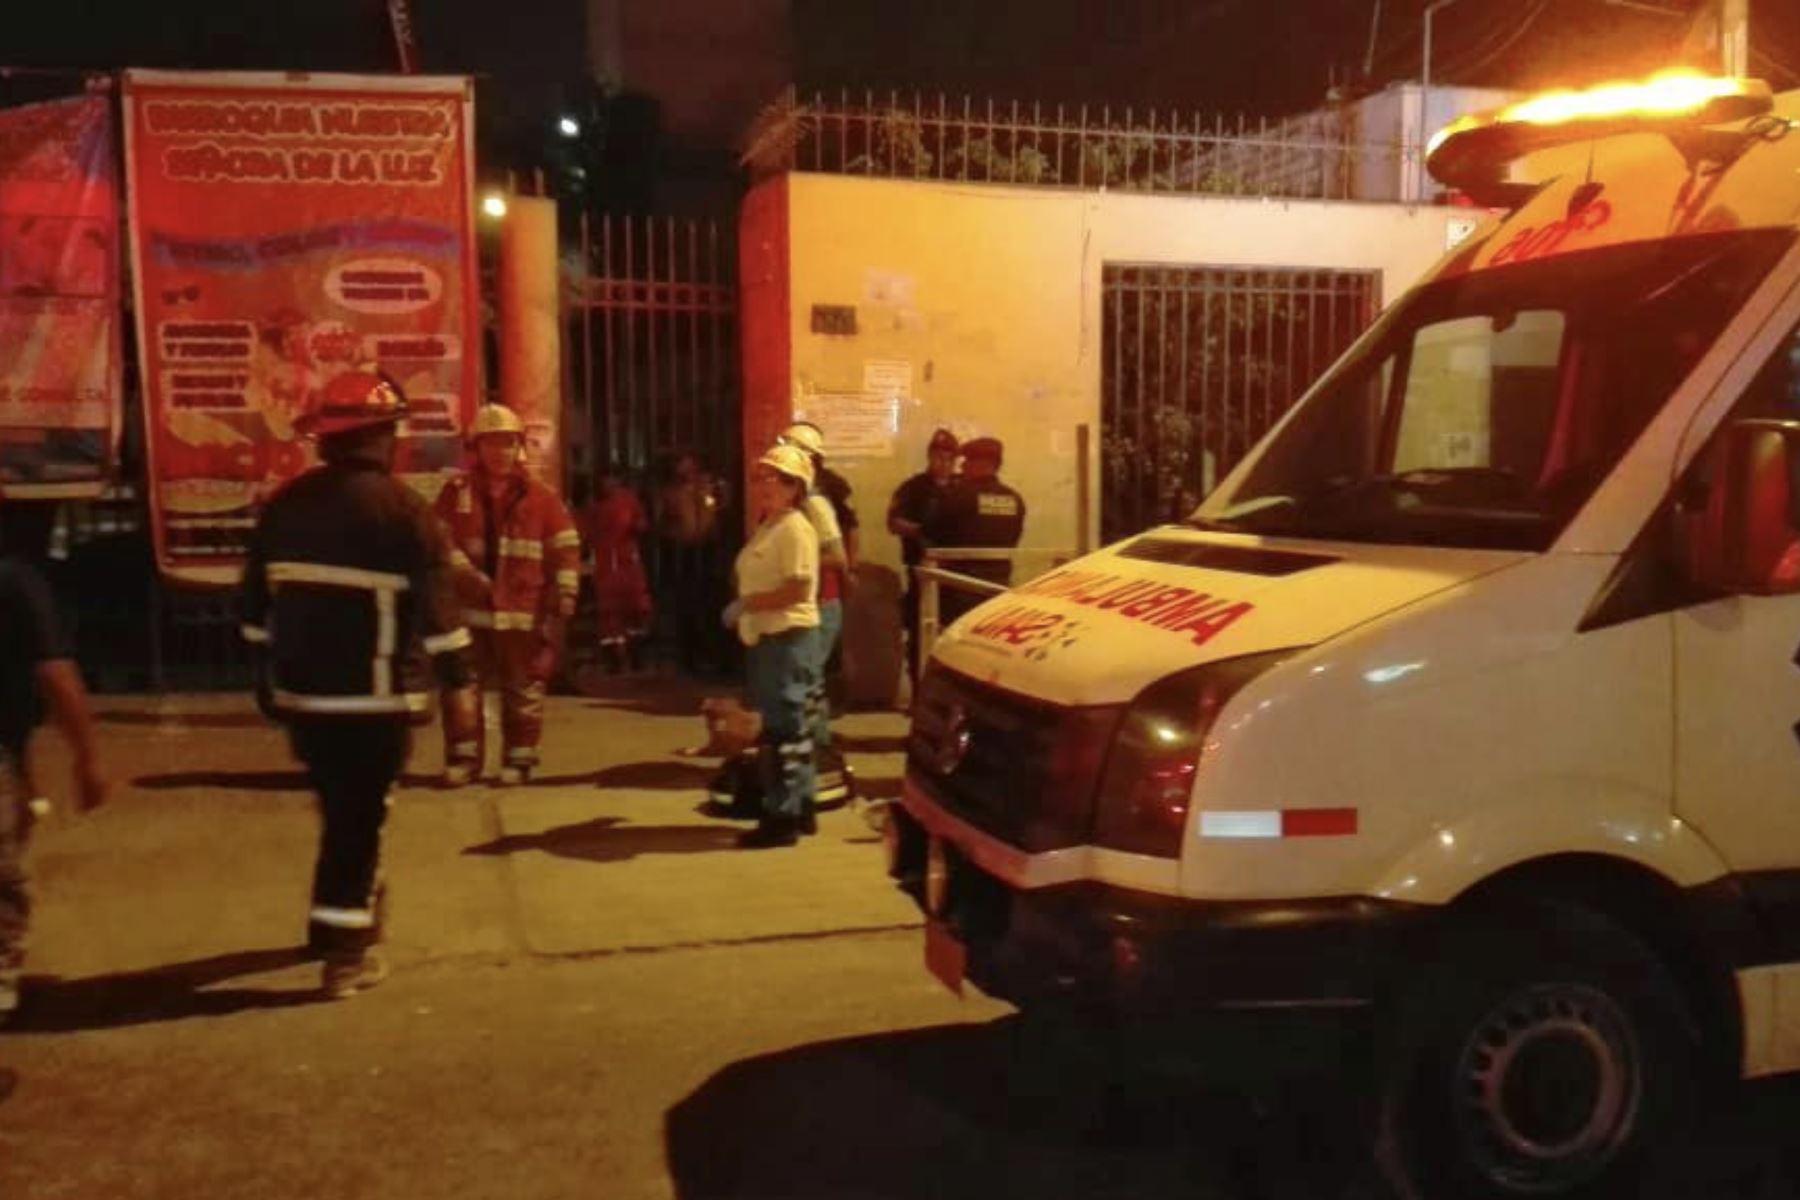 El Cuerpo General de Bomberos Voluntarios del Perú informó que el incidente ocurrió al promediar las 6:19 p.m. Cuatro de sus unidades acudieron para las labores de rescate. Foto: ANDINA/SAMU